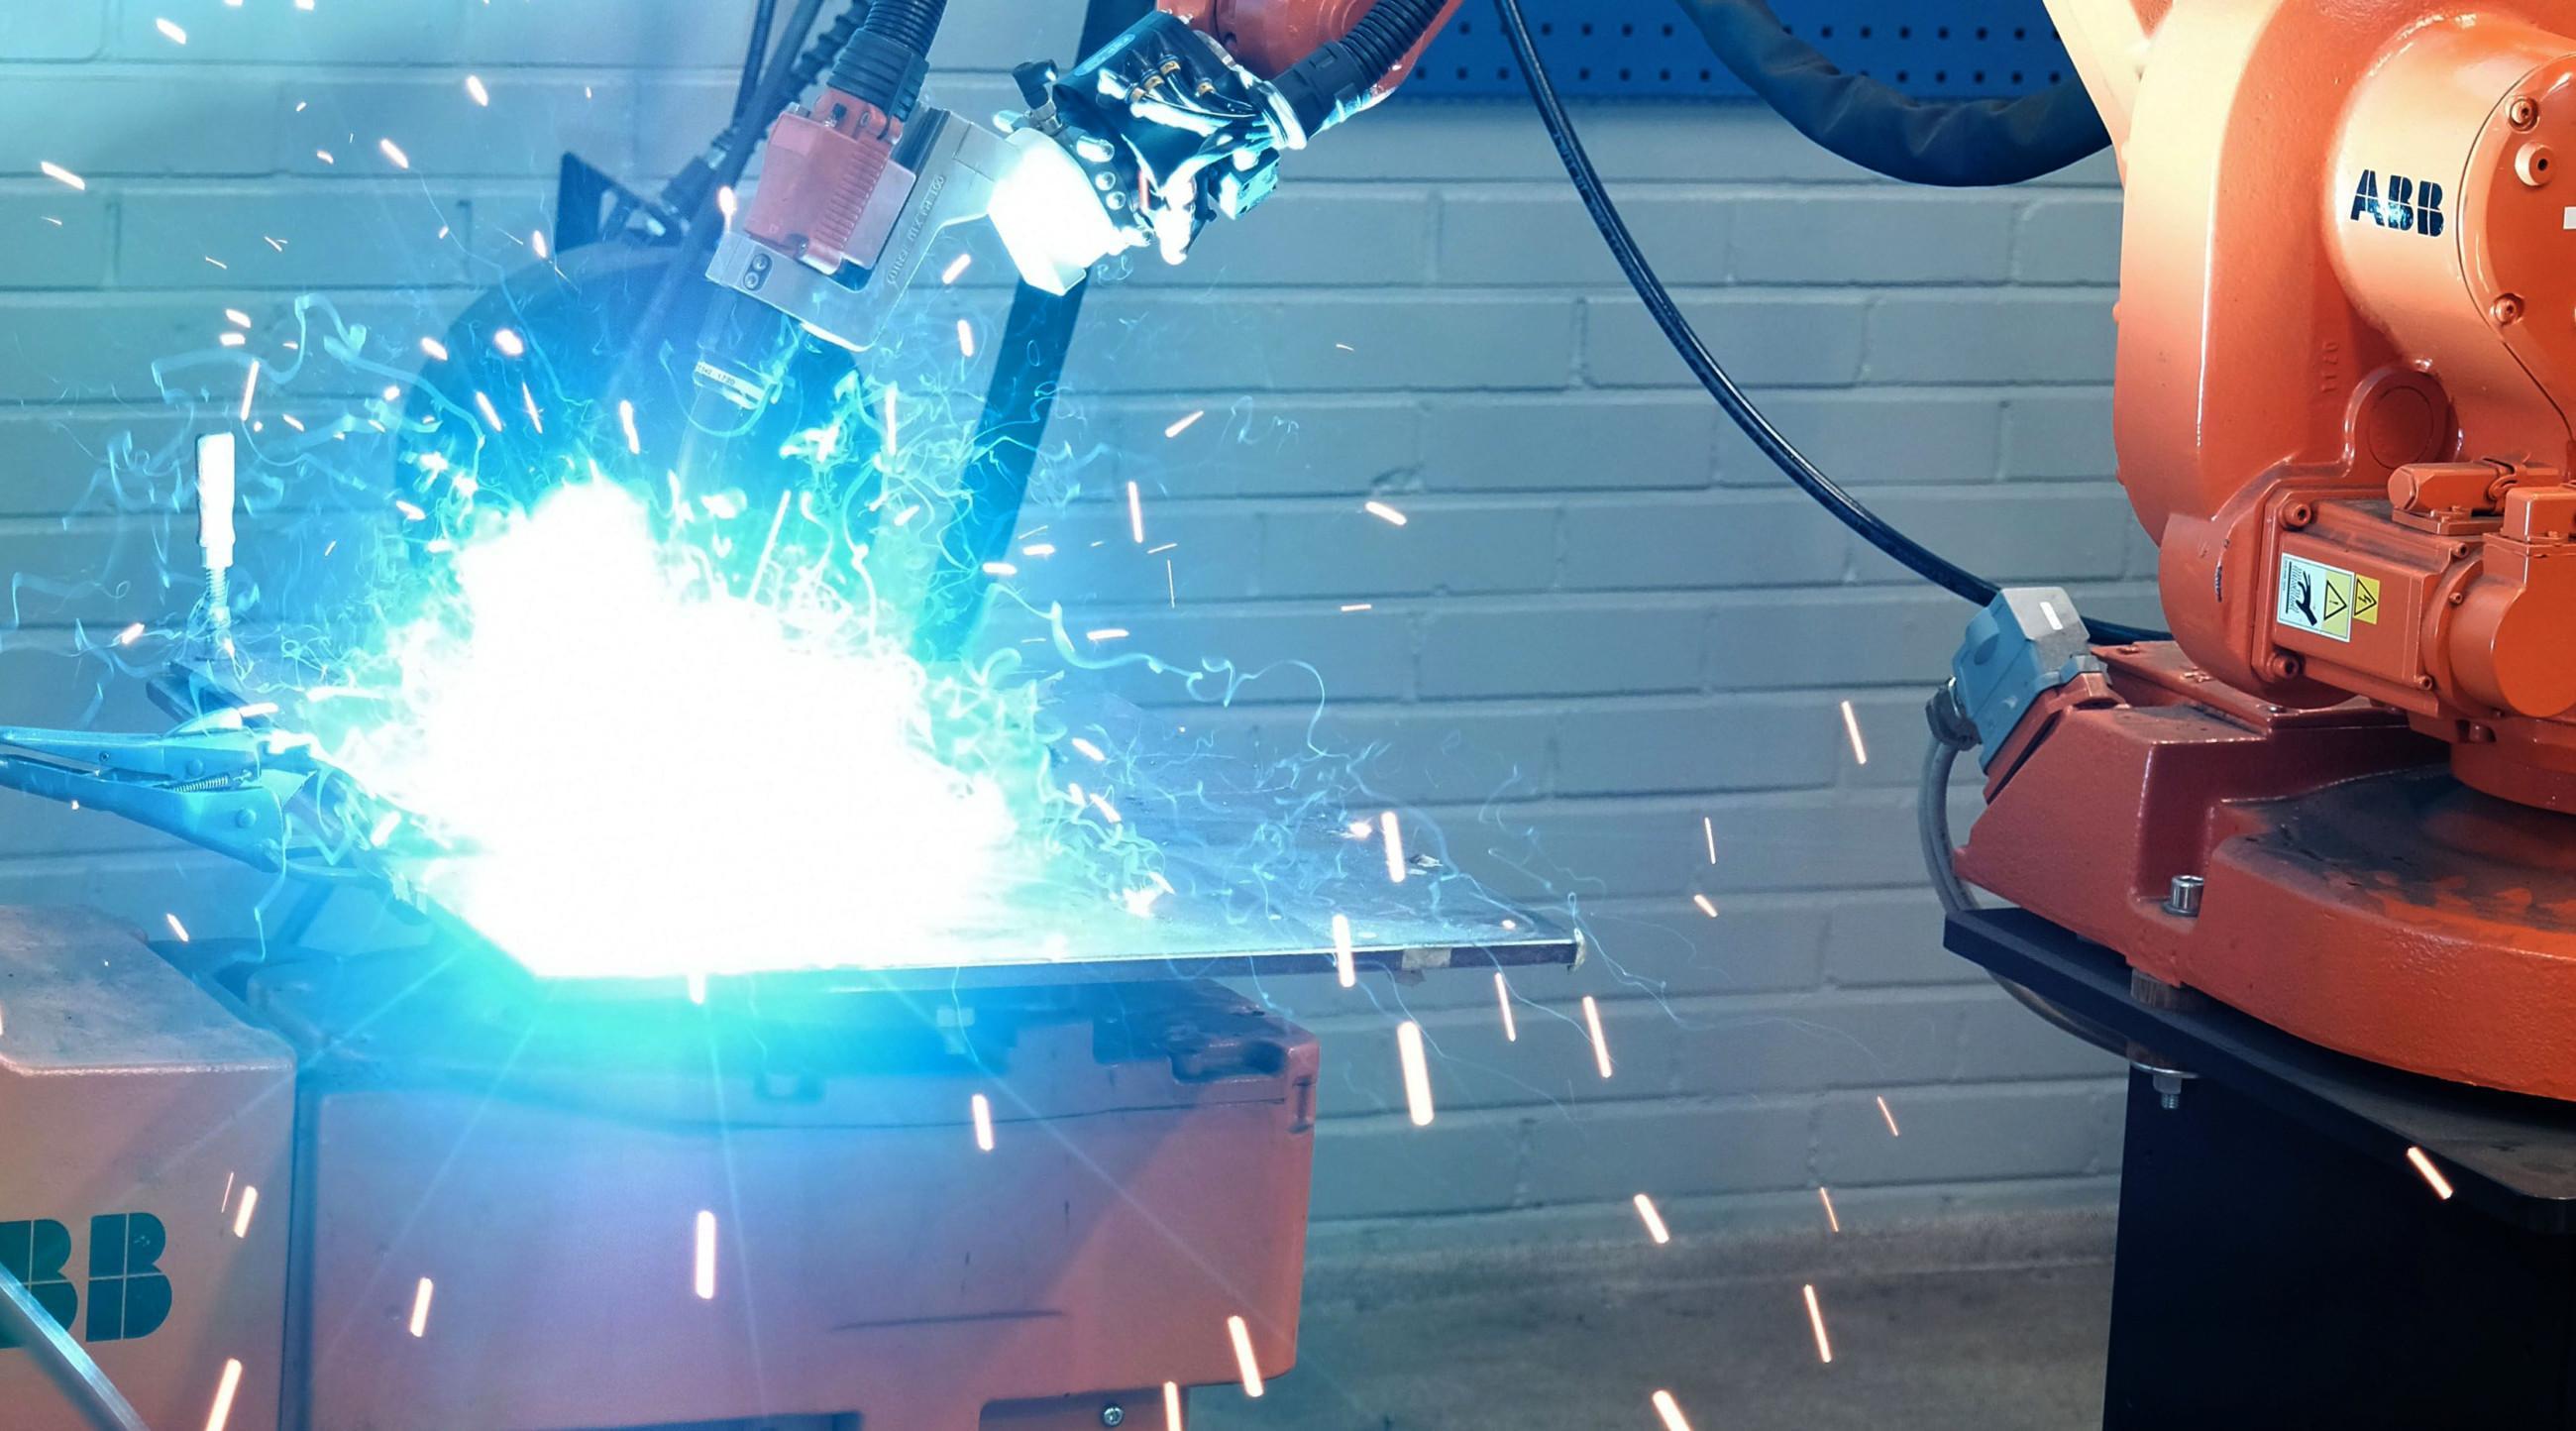 Hitausrobotti työssään, sinistä hitsausvaloa ja hitsauksesta syntyviä kipinöitä.